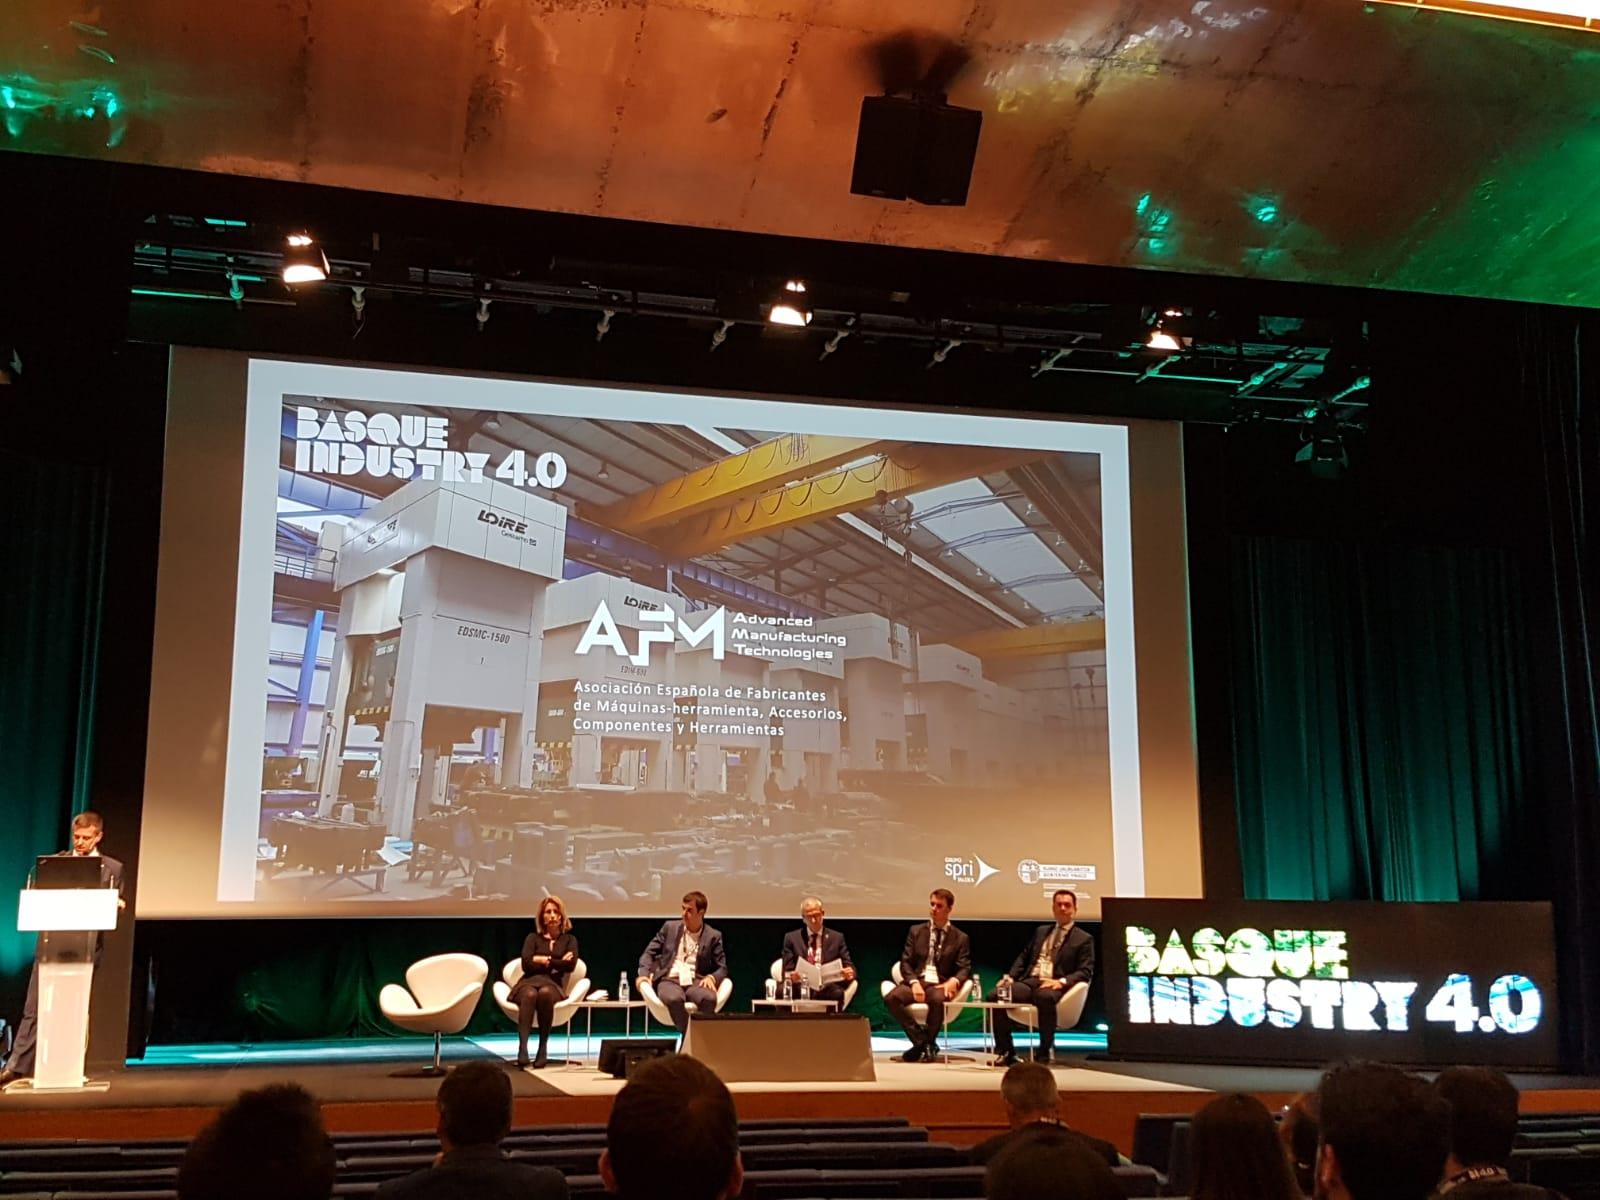 Basque Industry 4.0ren bosgarren edizioan parte hartu du DANOBATGROUPek